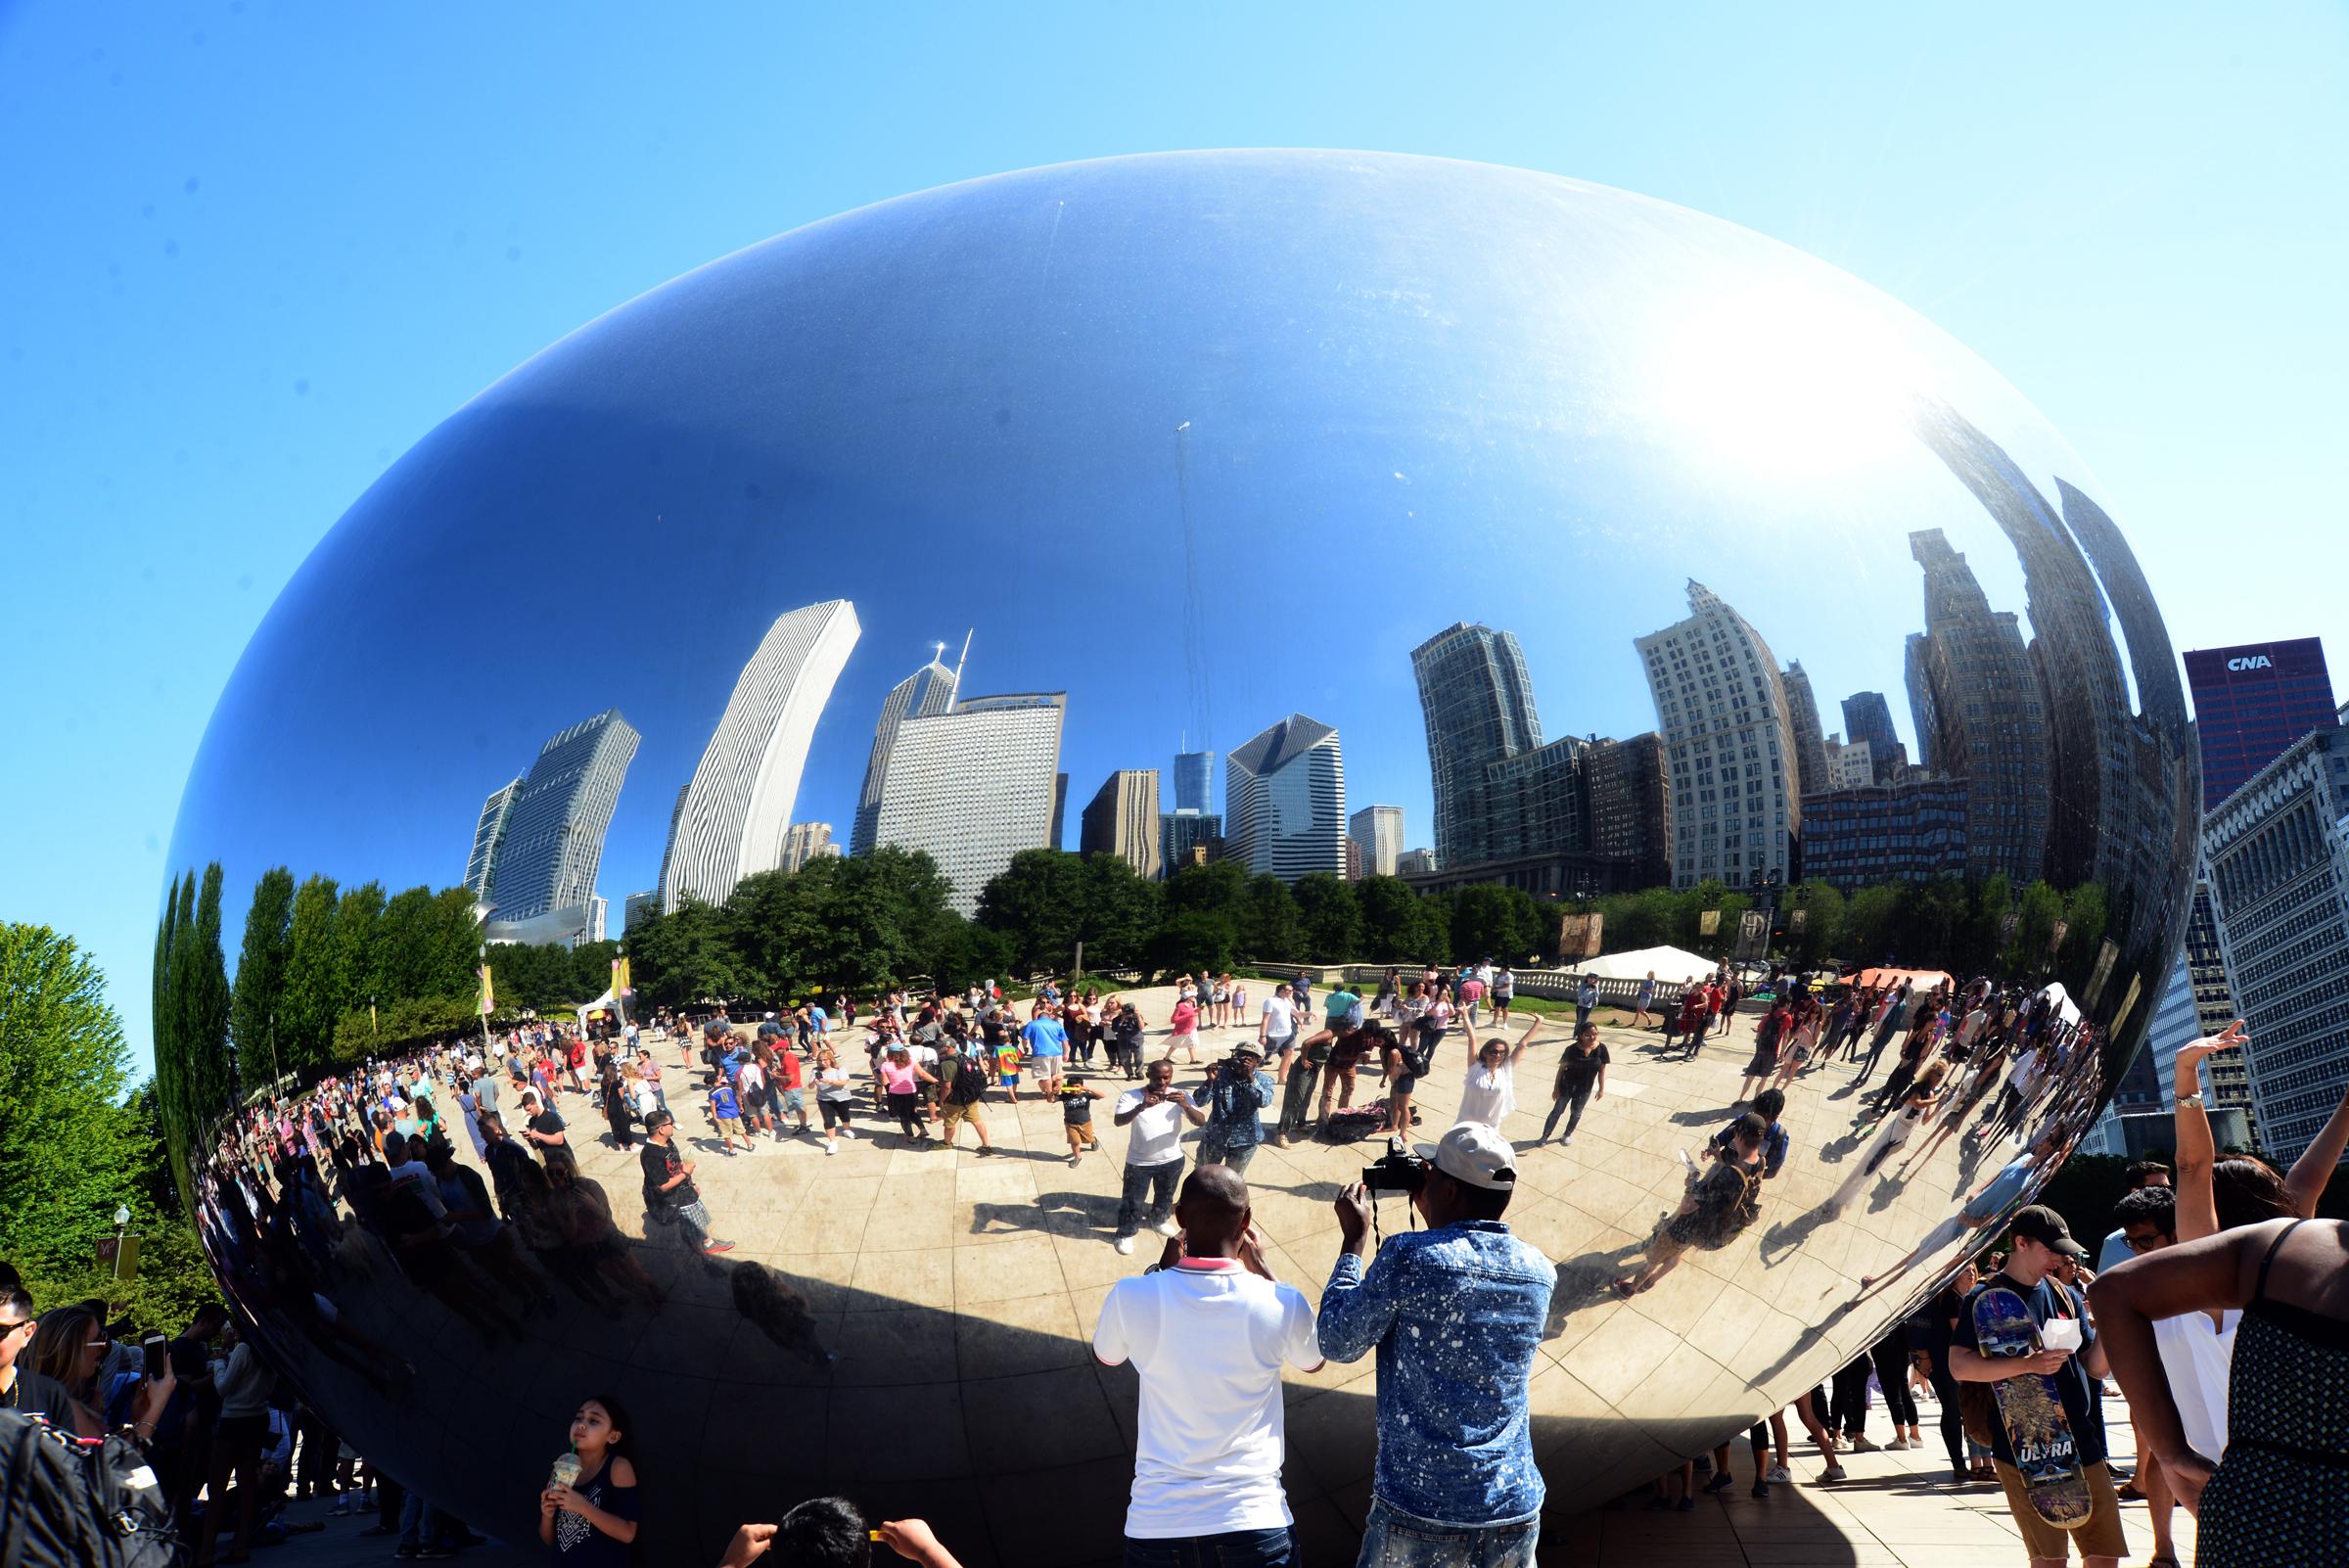 芝加哥千禧公園 (Millennium Park)內的 著名雕塑 「雲門」(Cloud Gate),濃縮了市中心的建築風貌。(許振輝/攝影)